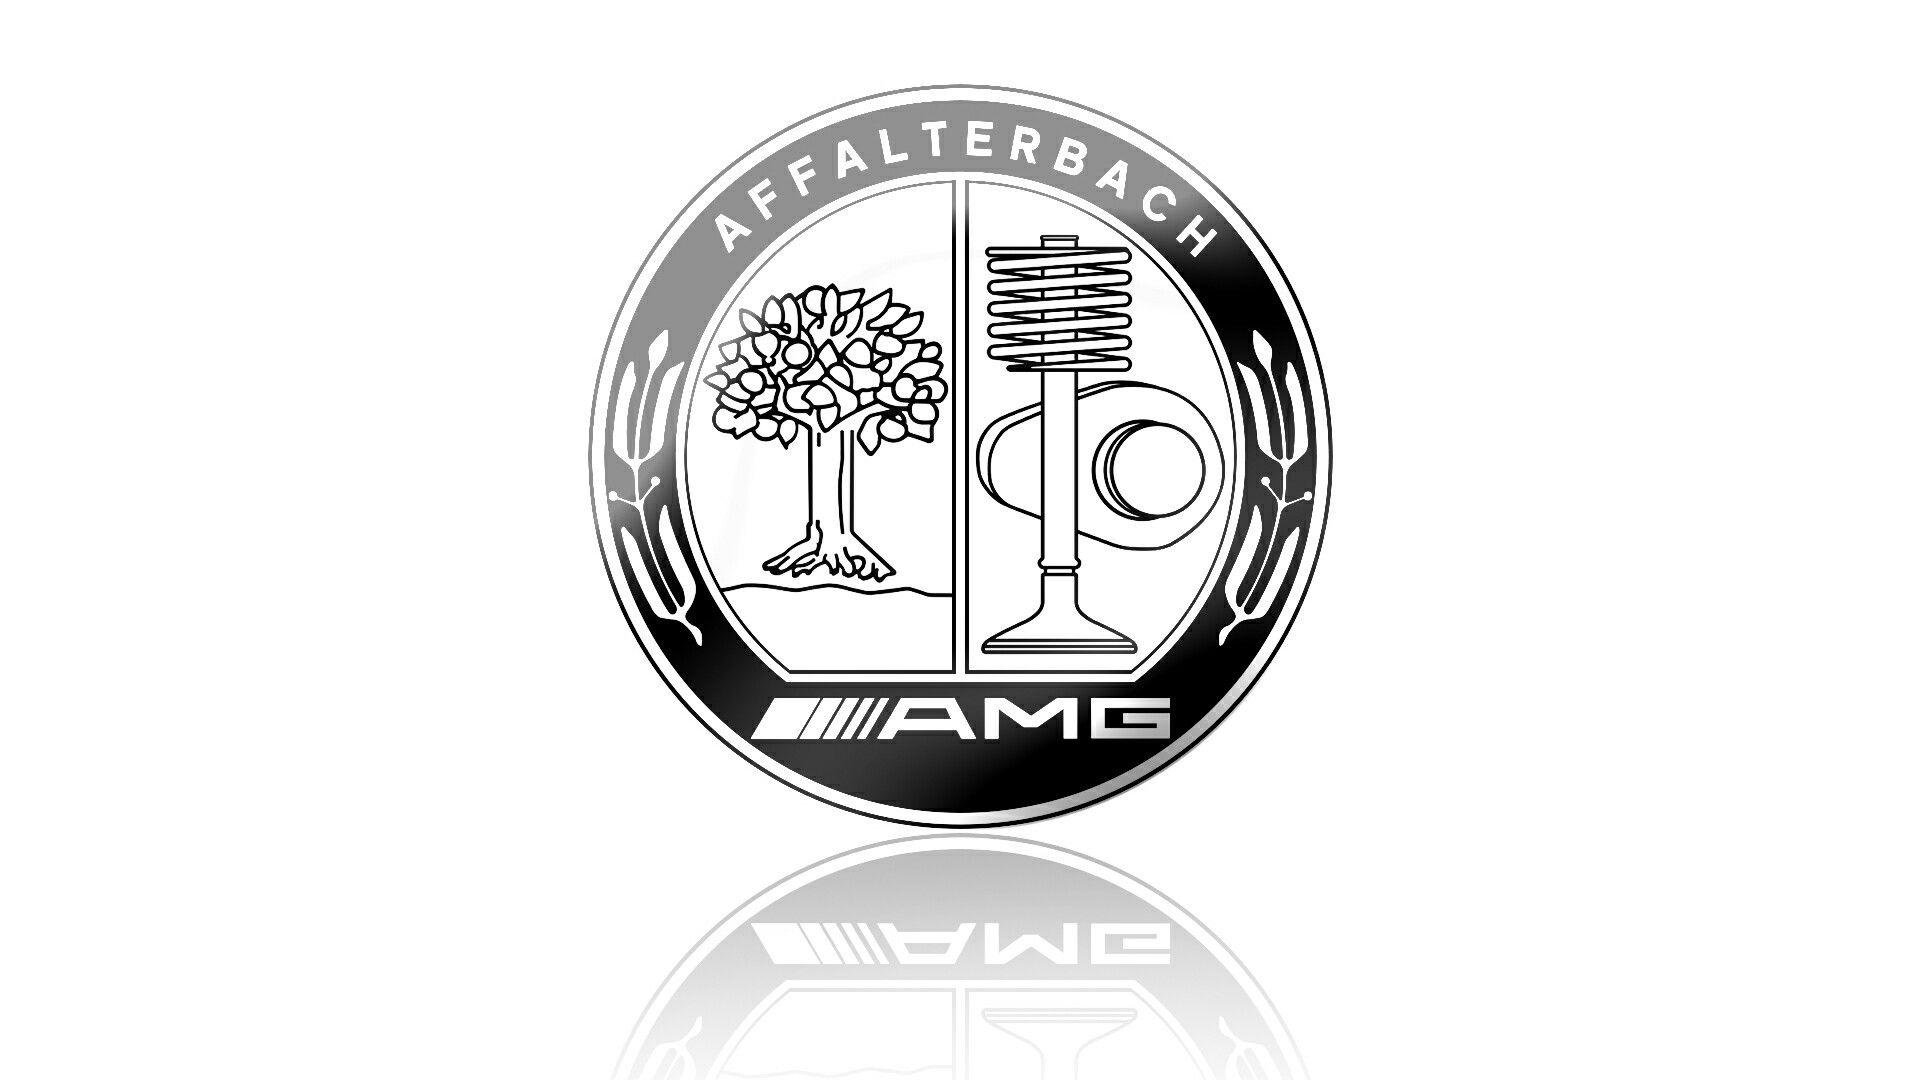 amg logo mercedes benz a m g dtm mercedes benz amg. Black Bedroom Furniture Sets. Home Design Ideas